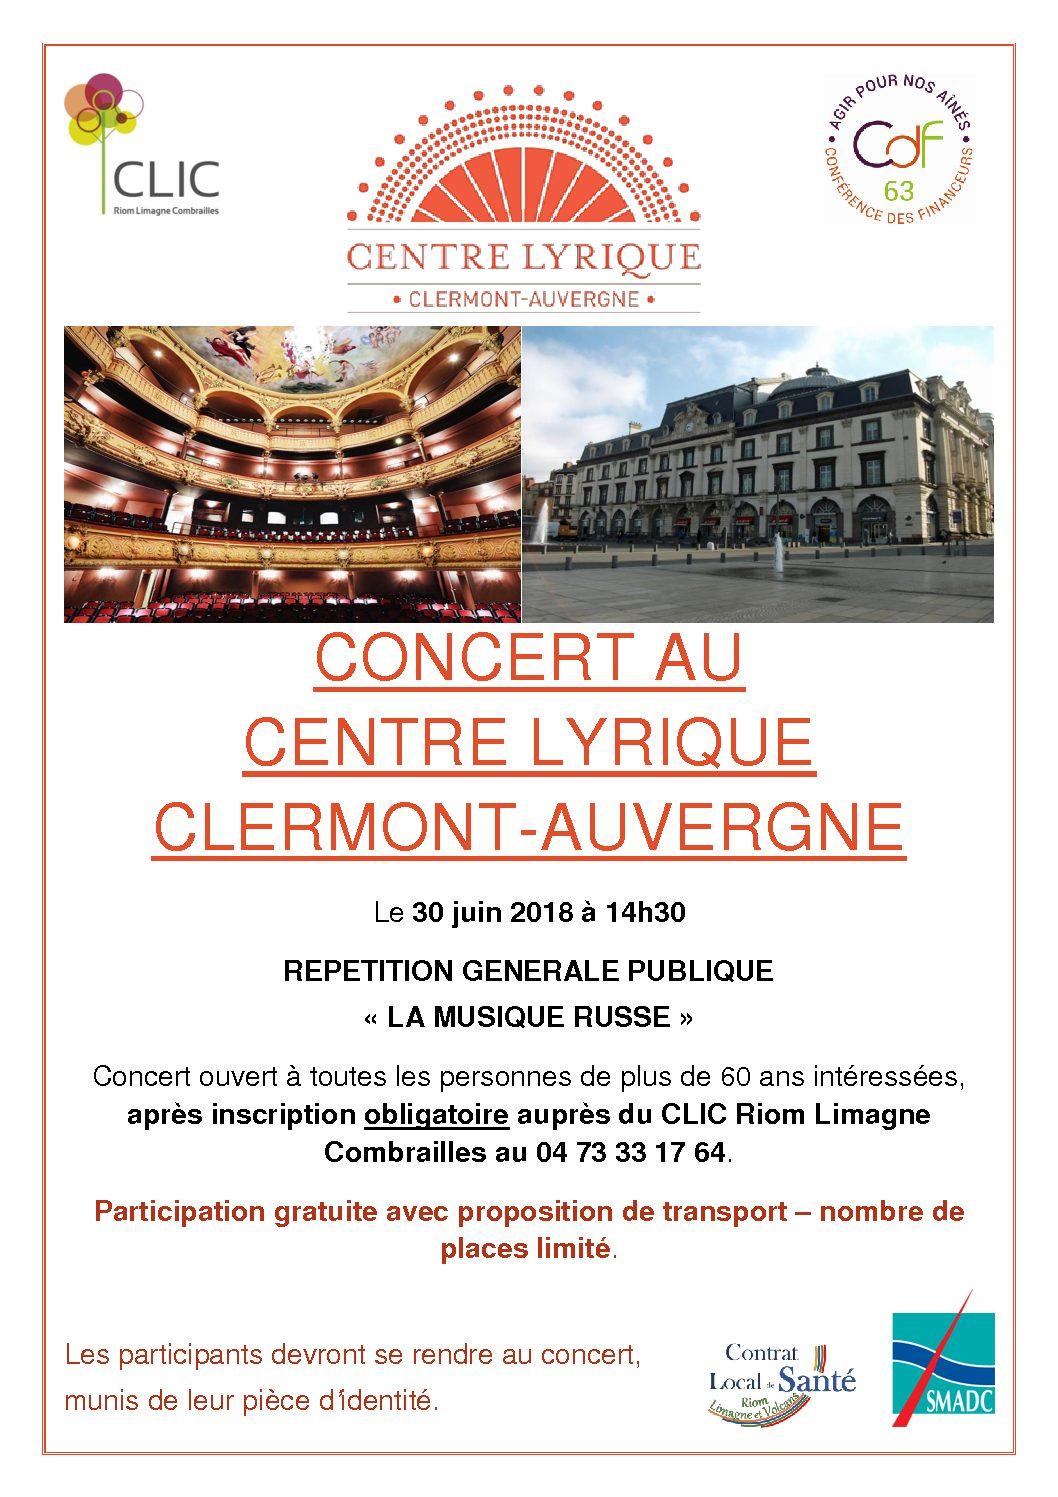 Concert gratuit à l'opéra de Clermont-Ferrand